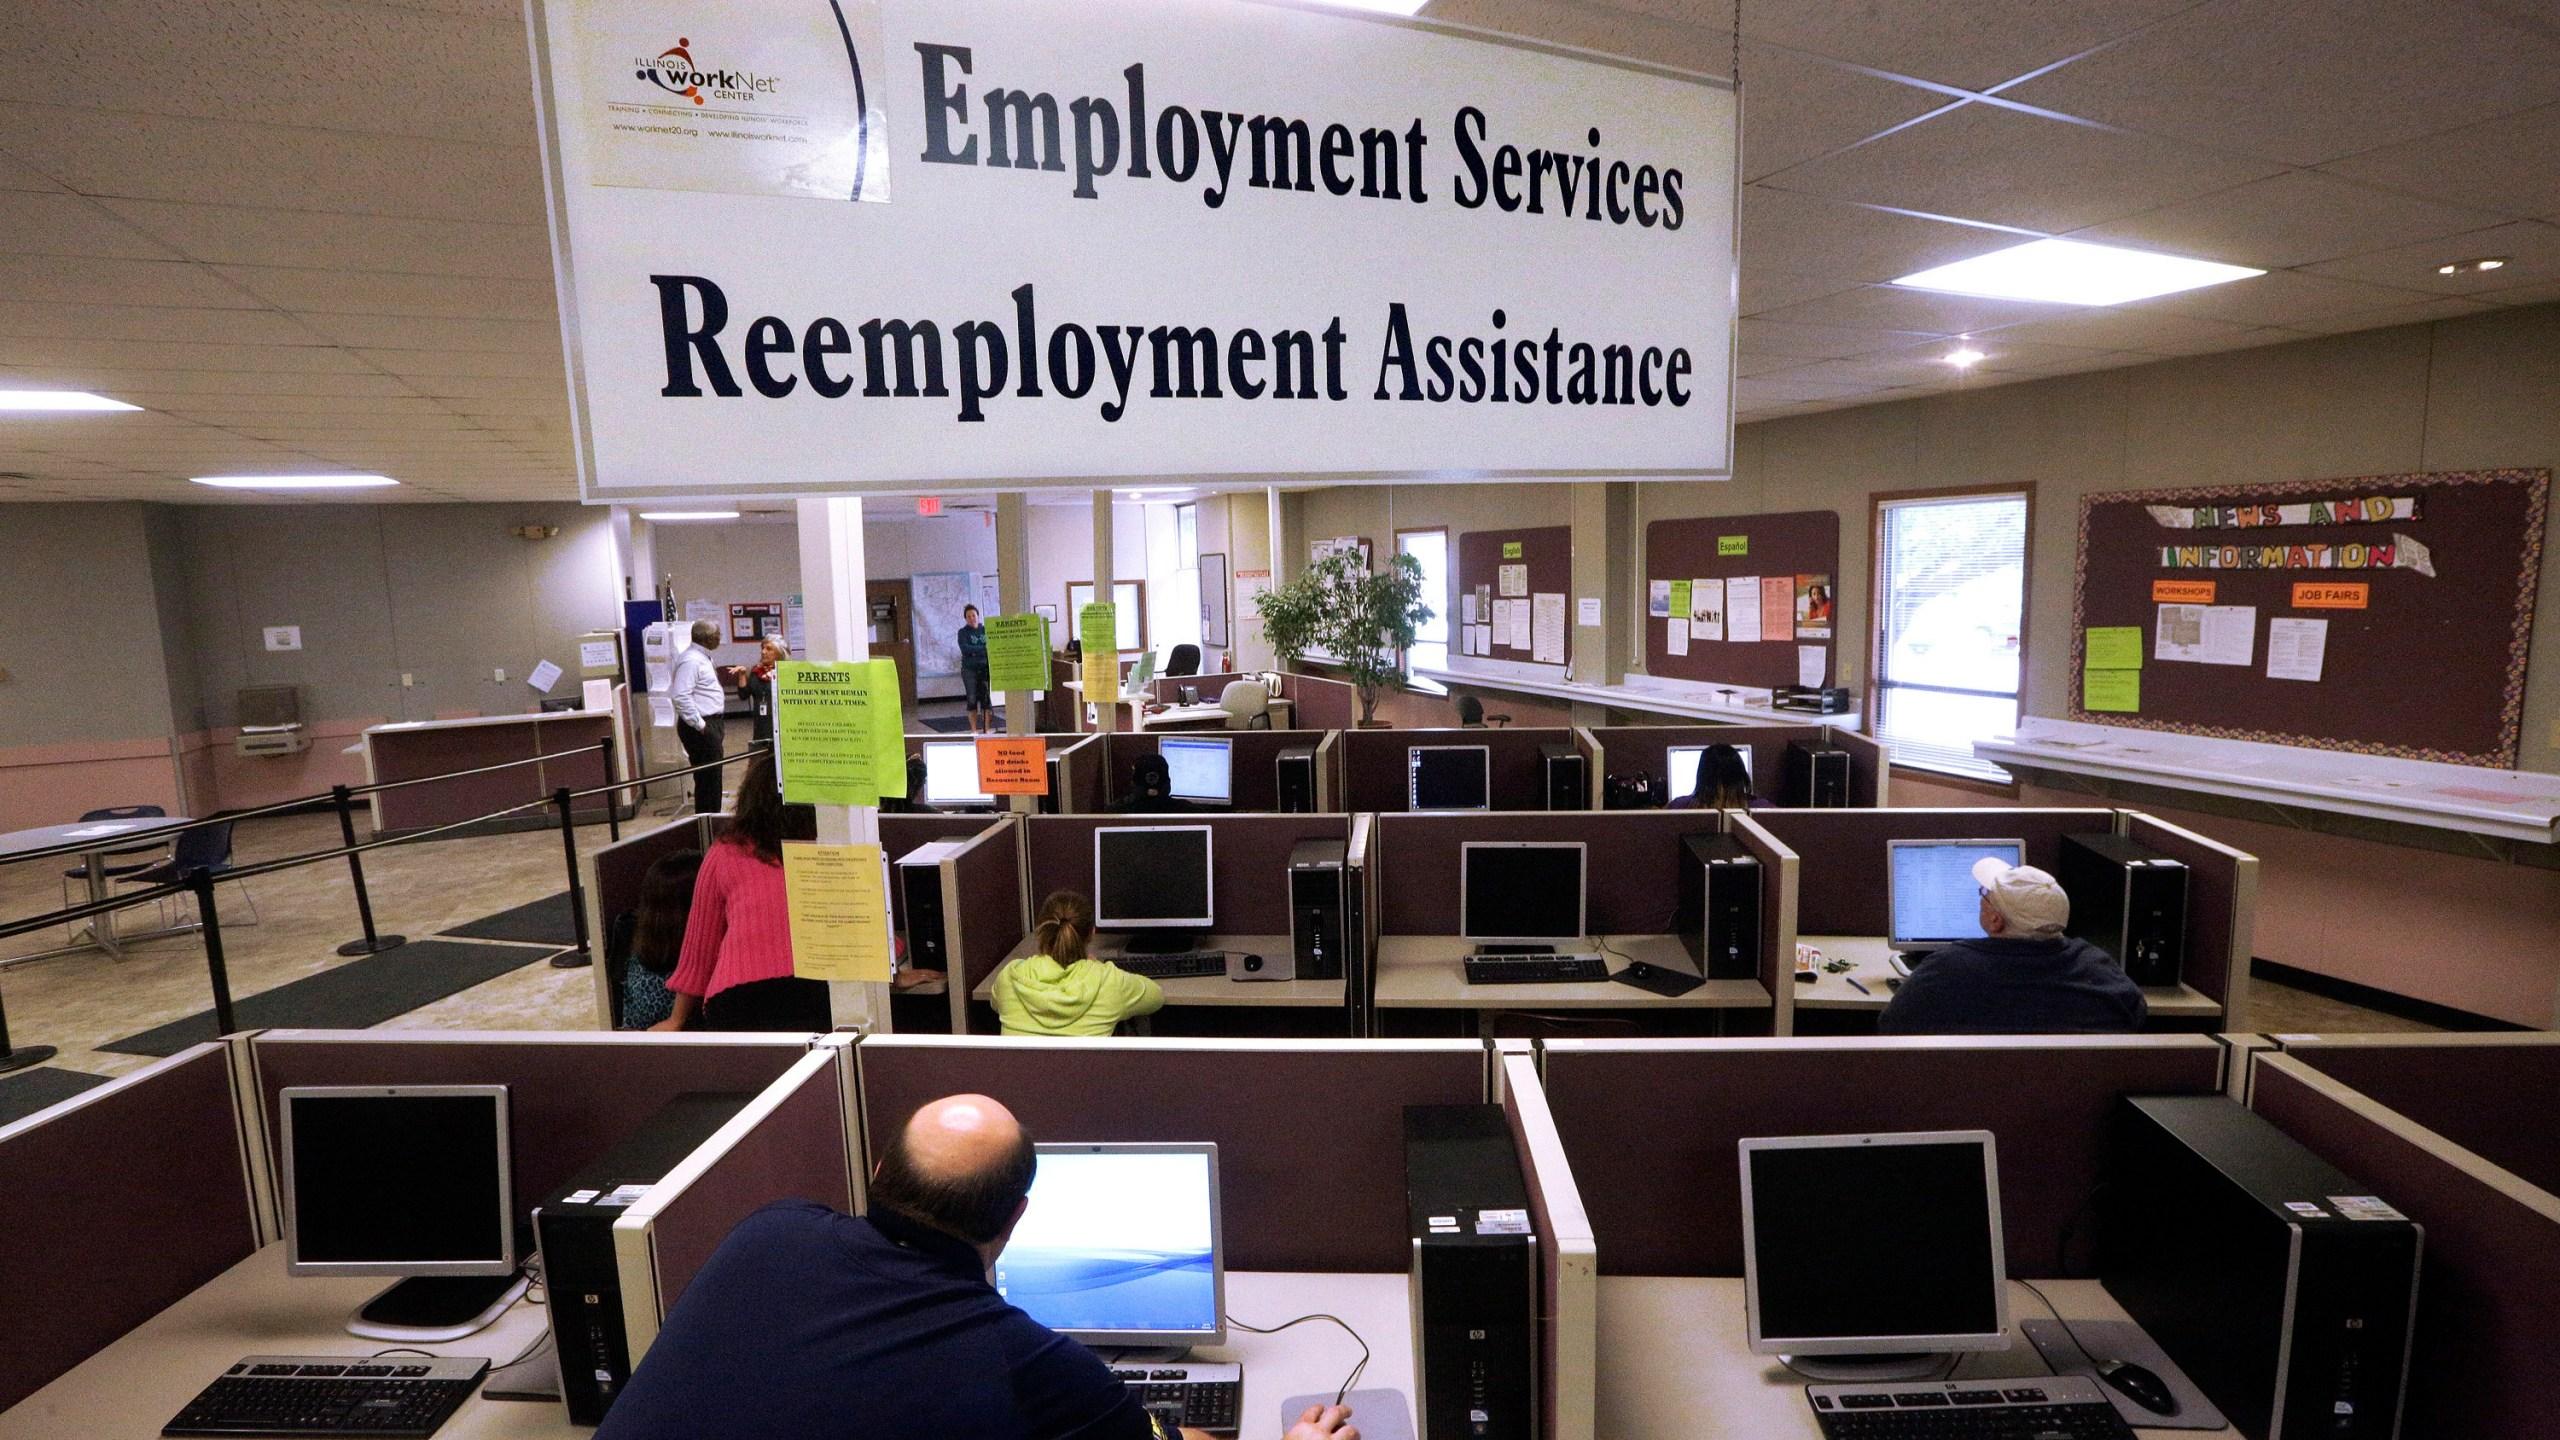 Unemployment_Benefits_15210-159532.jpg84429023